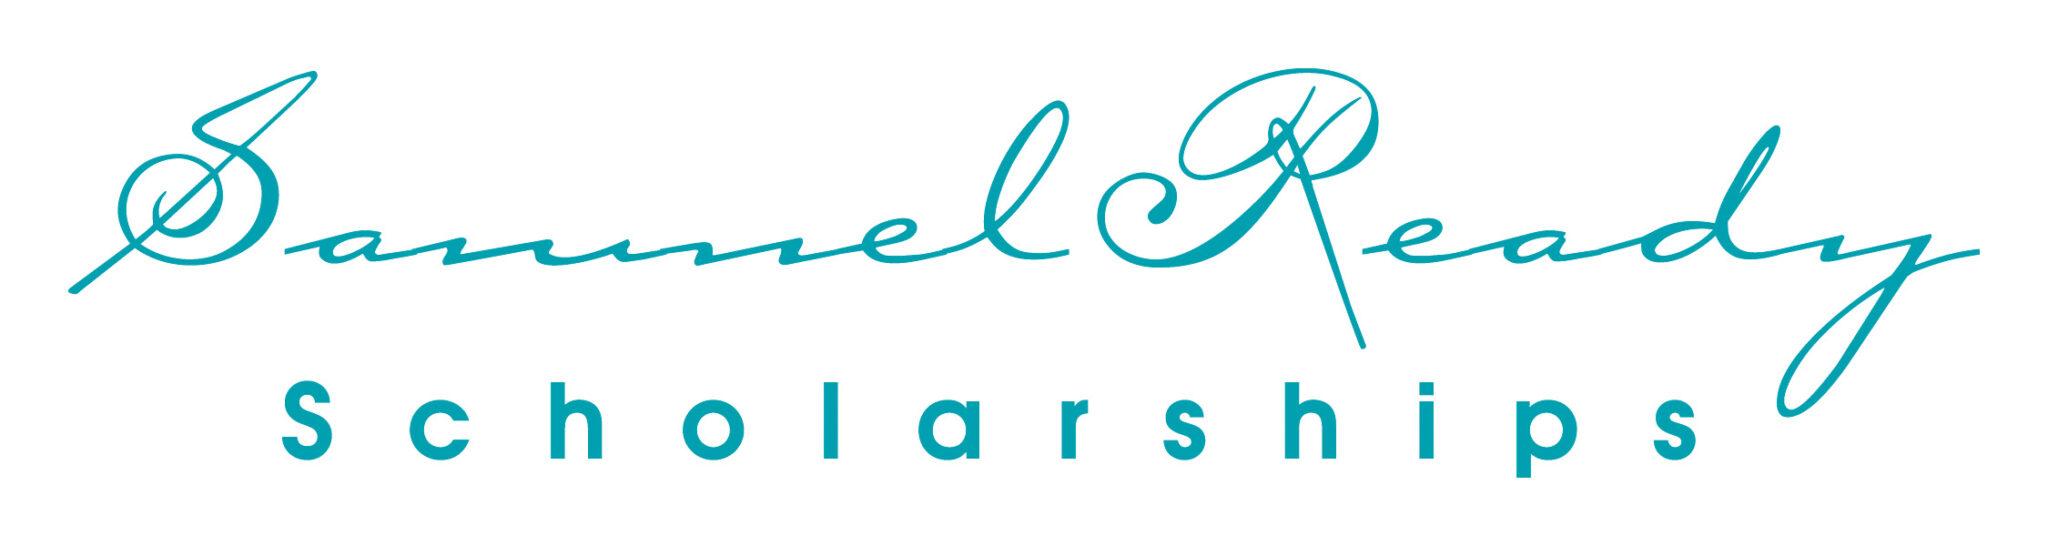 Scripted Full Logo